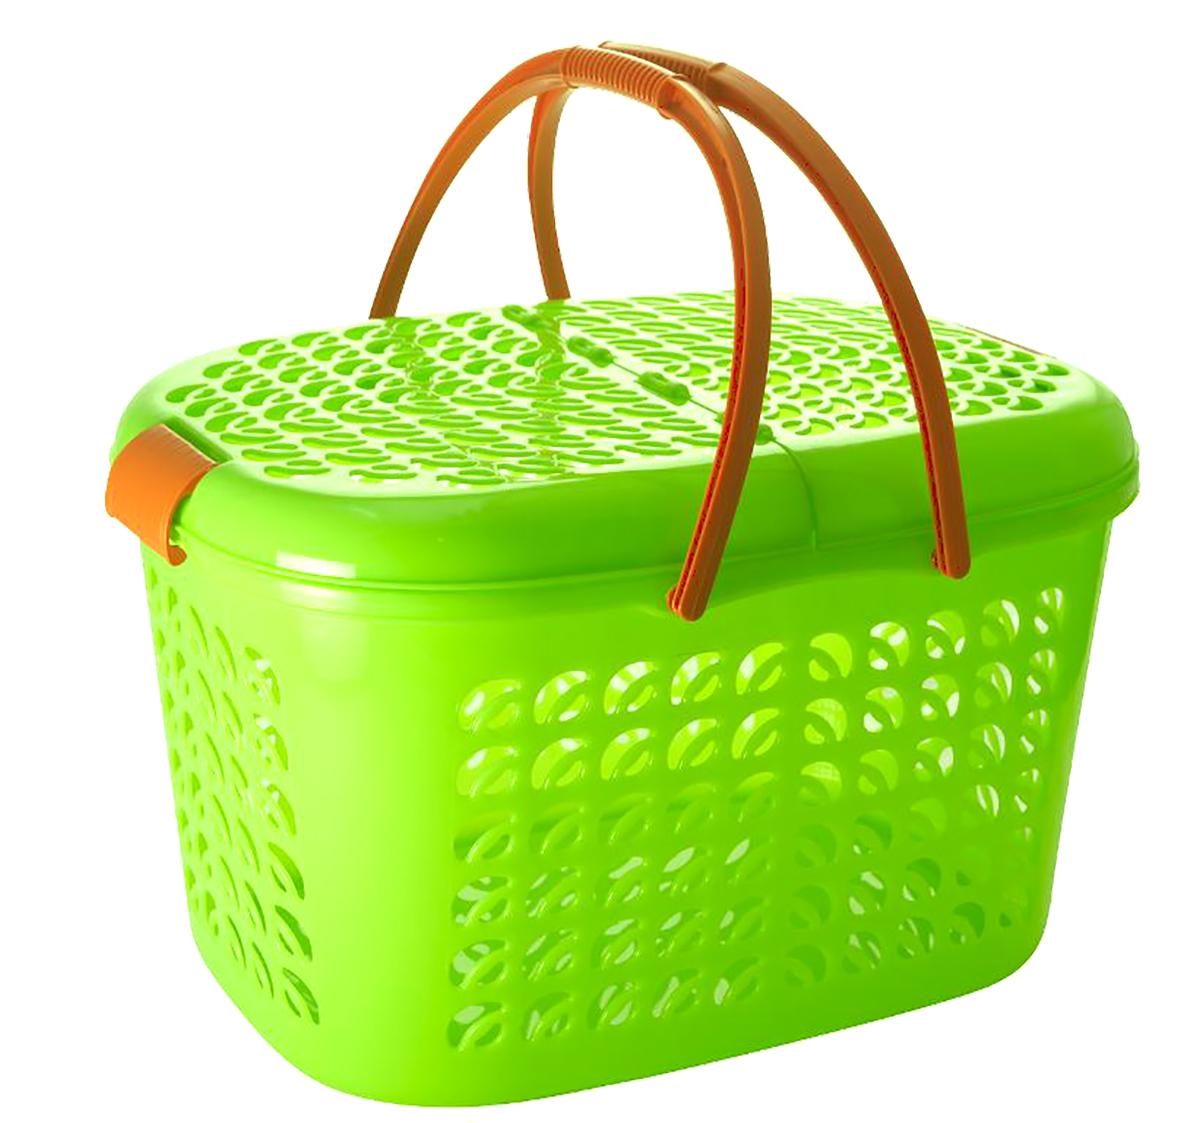 Корзина-переноска Plastic Centre, цвет: зеленый, коричневый, 51 х 34,5 х 27,5 смRG-D31SКорзина-переноска Plastic Centre выполнена из прочного пластика. Корзина прекрасно подойдет для хранения продуктов, детских игрушек или переноски небольших домашних животных. На стенках и крышке расположены фигурные отверстия, дно сплошное. Оснащена двумя пластиковыми ручками, крышкой, открывающейся с двух сторон, и крепкими защелками.Размер корзины (с учетом крышки, без учета ручек): 51 х 34,5 х 27,5 см.